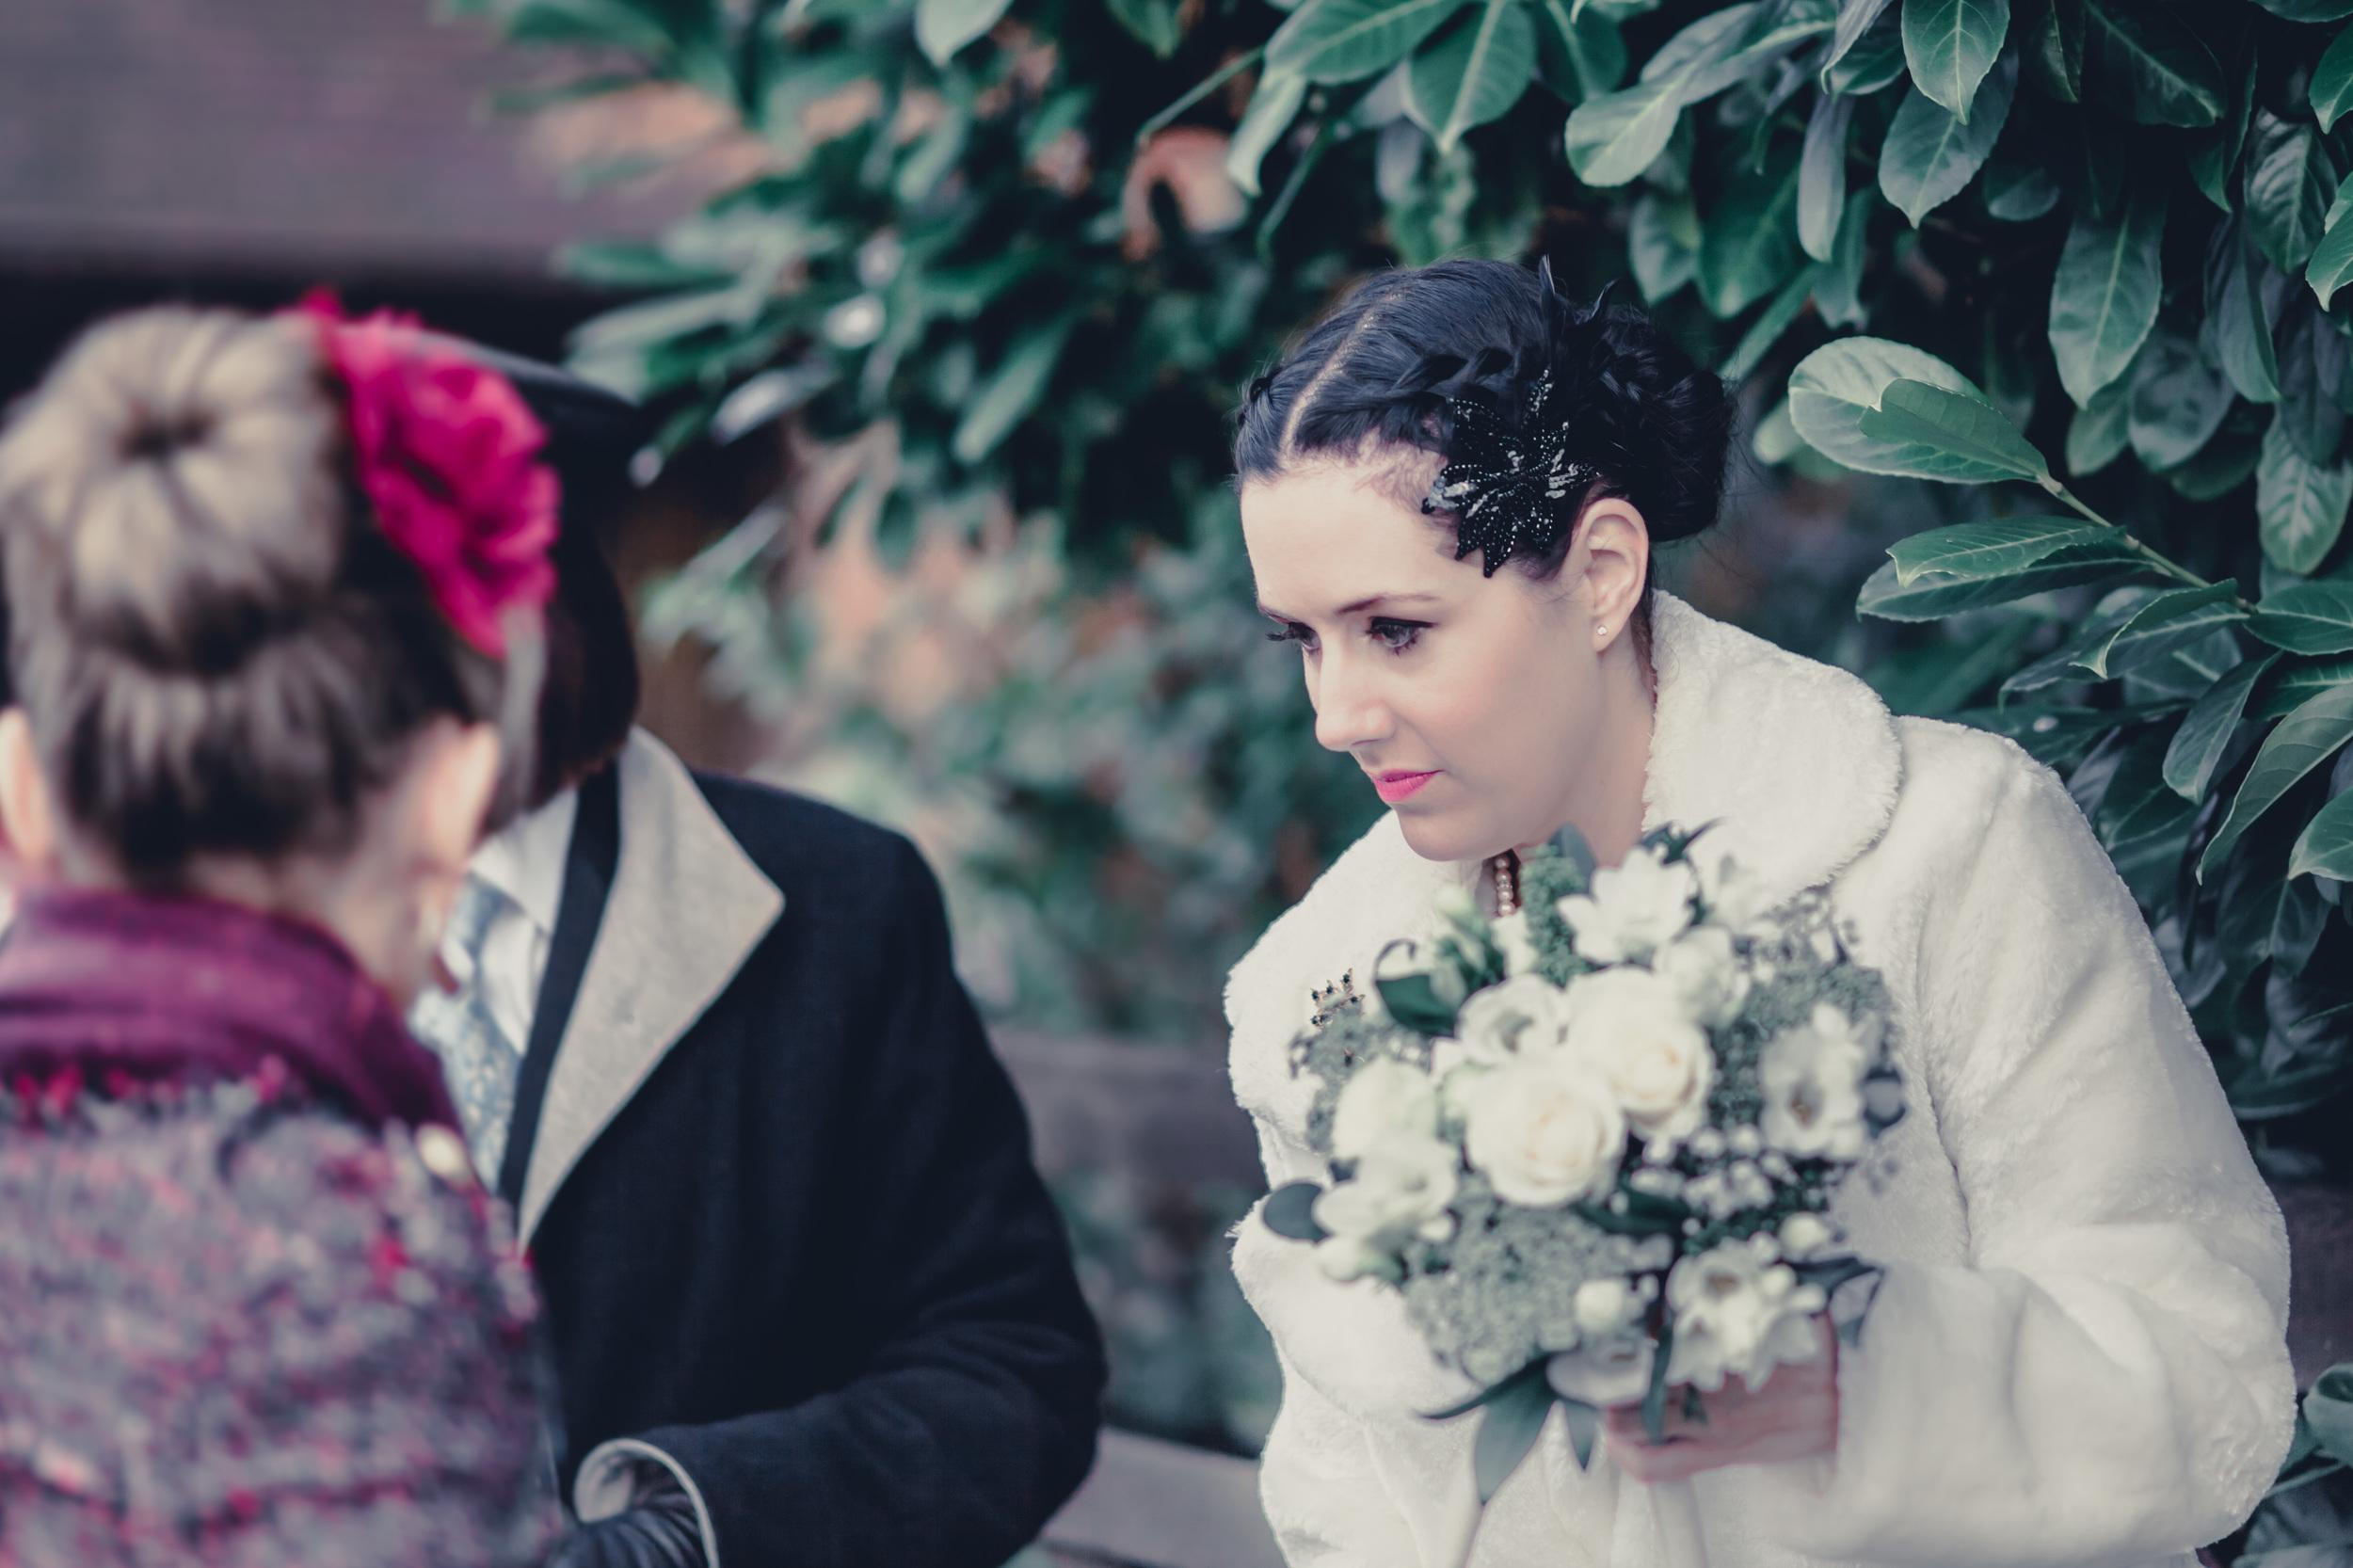 043 - Angela and Karls Wedding by www.markpugh.com -5791.jpg